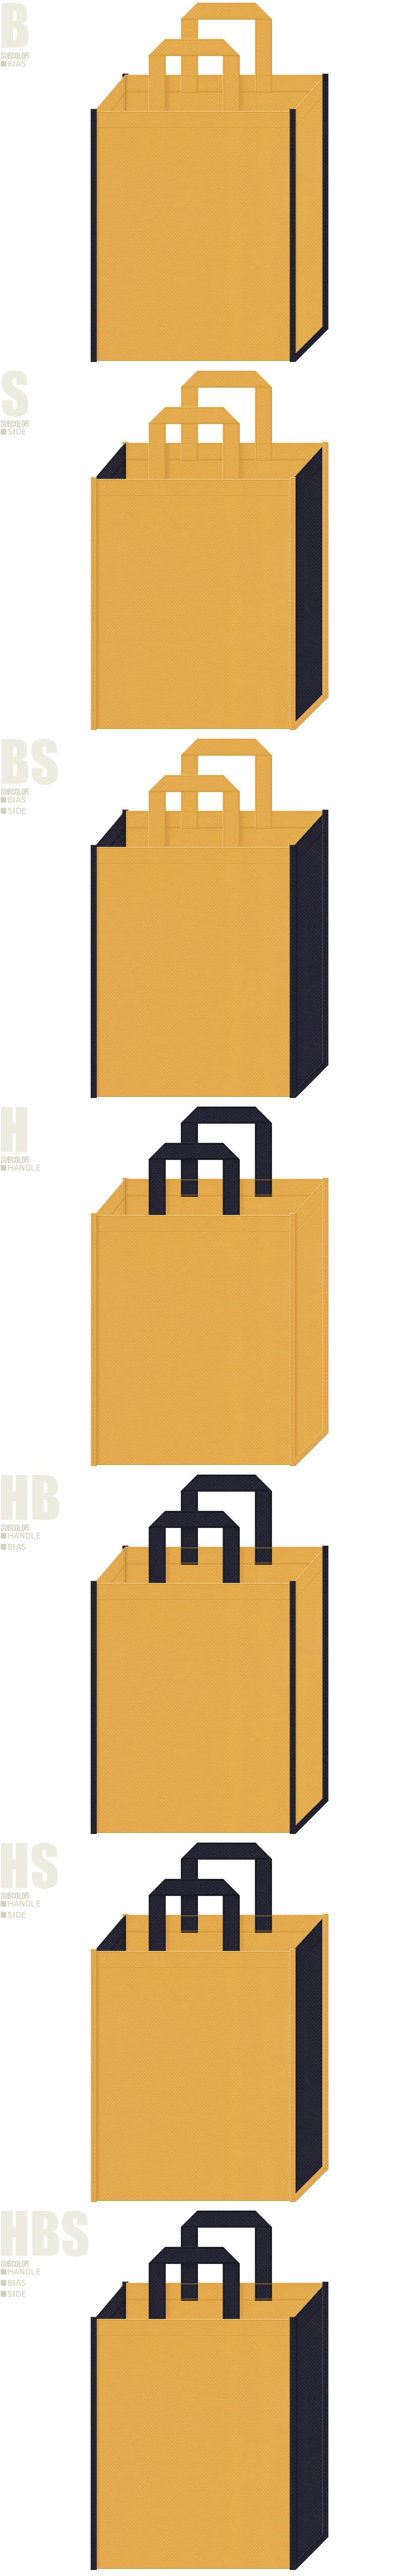 インディゴデニム・ジーパン・カジュアルファッションのショッピングバッグ・文庫本・書店・学校・オープンキャンパス・学習塾・レッスンバッグ・にお奨めの不織布バッグデザイン:黄土色と濃紺色の配色7パターン